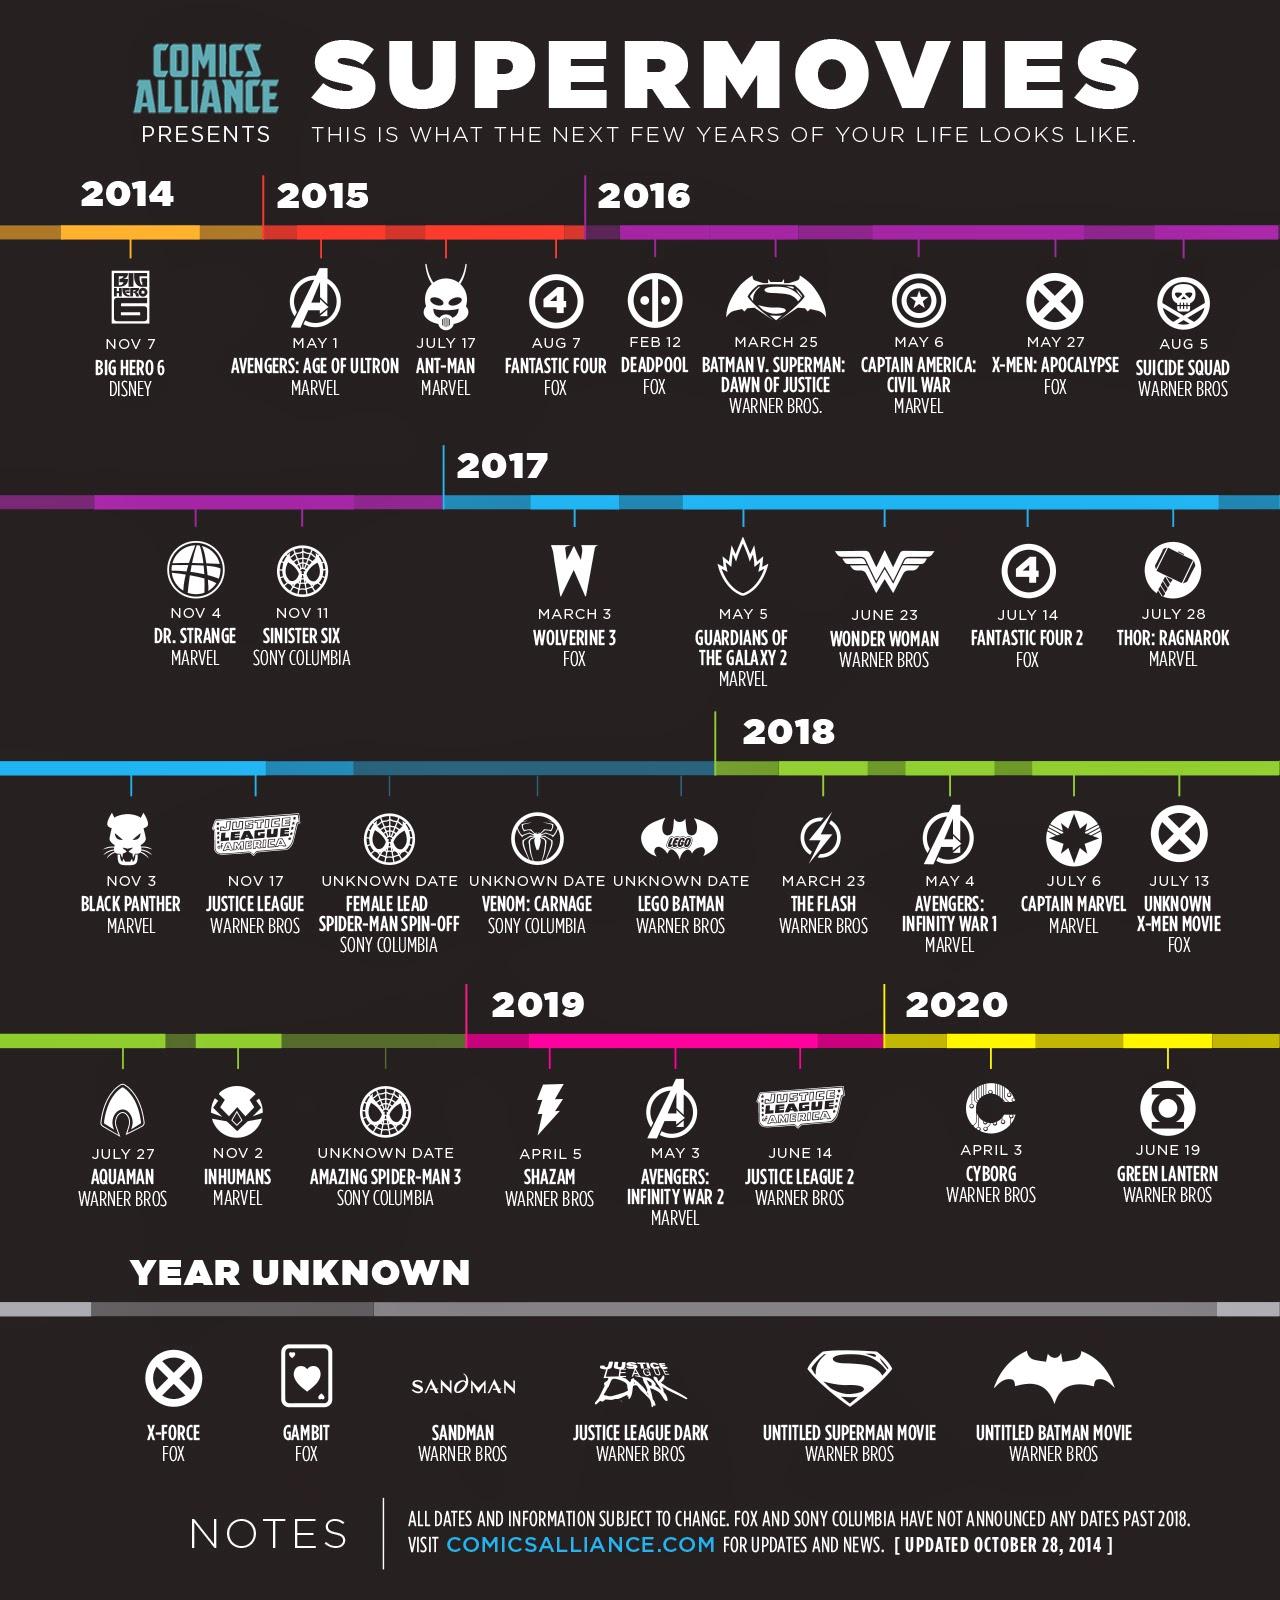 supermovies peliculas de superheroes